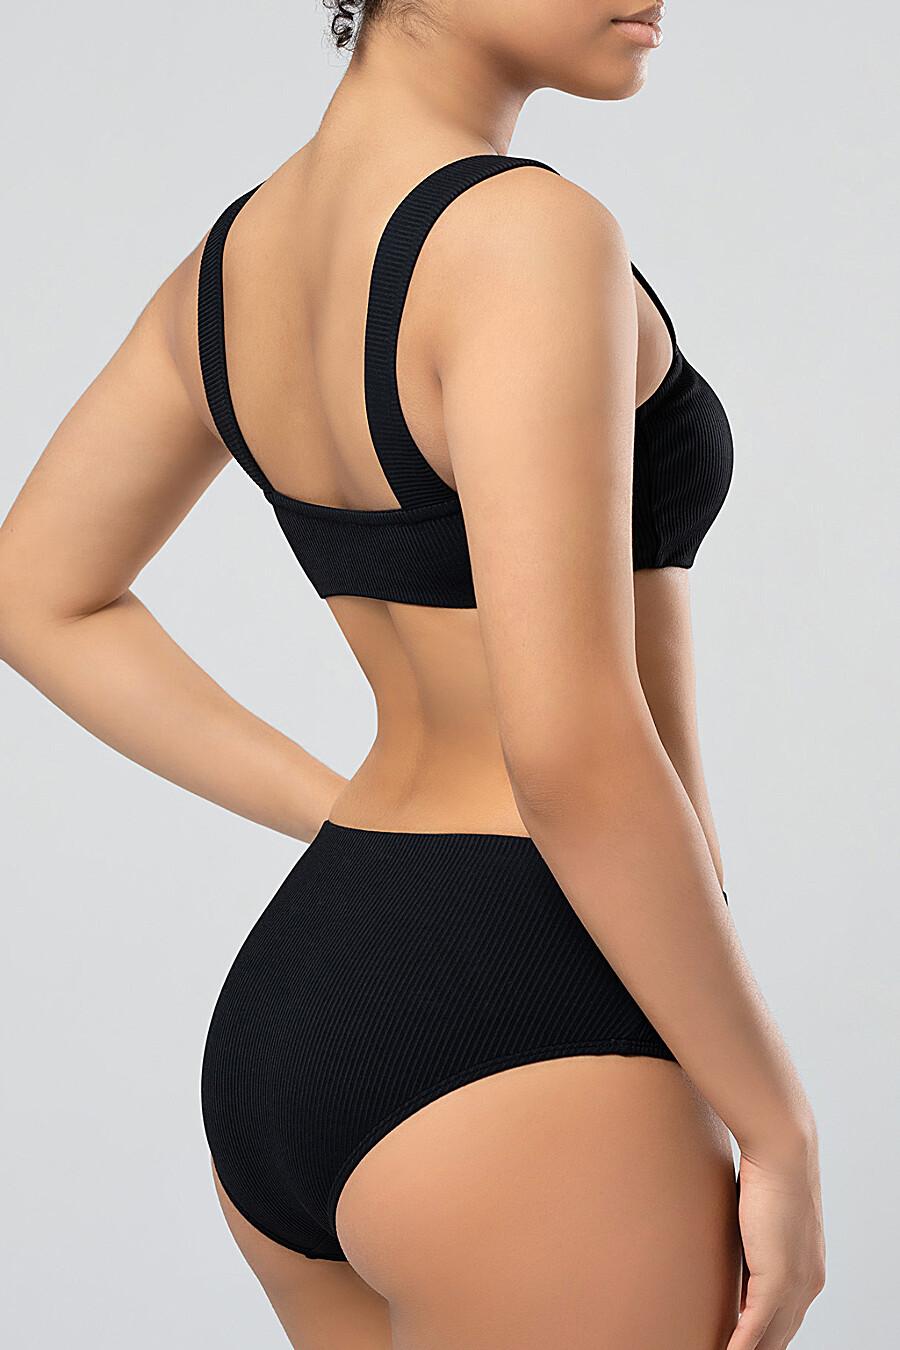 Купальник для женщин OPIUM 649129 купить оптом от производителя. Совместная покупка женской одежды в OptMoyo